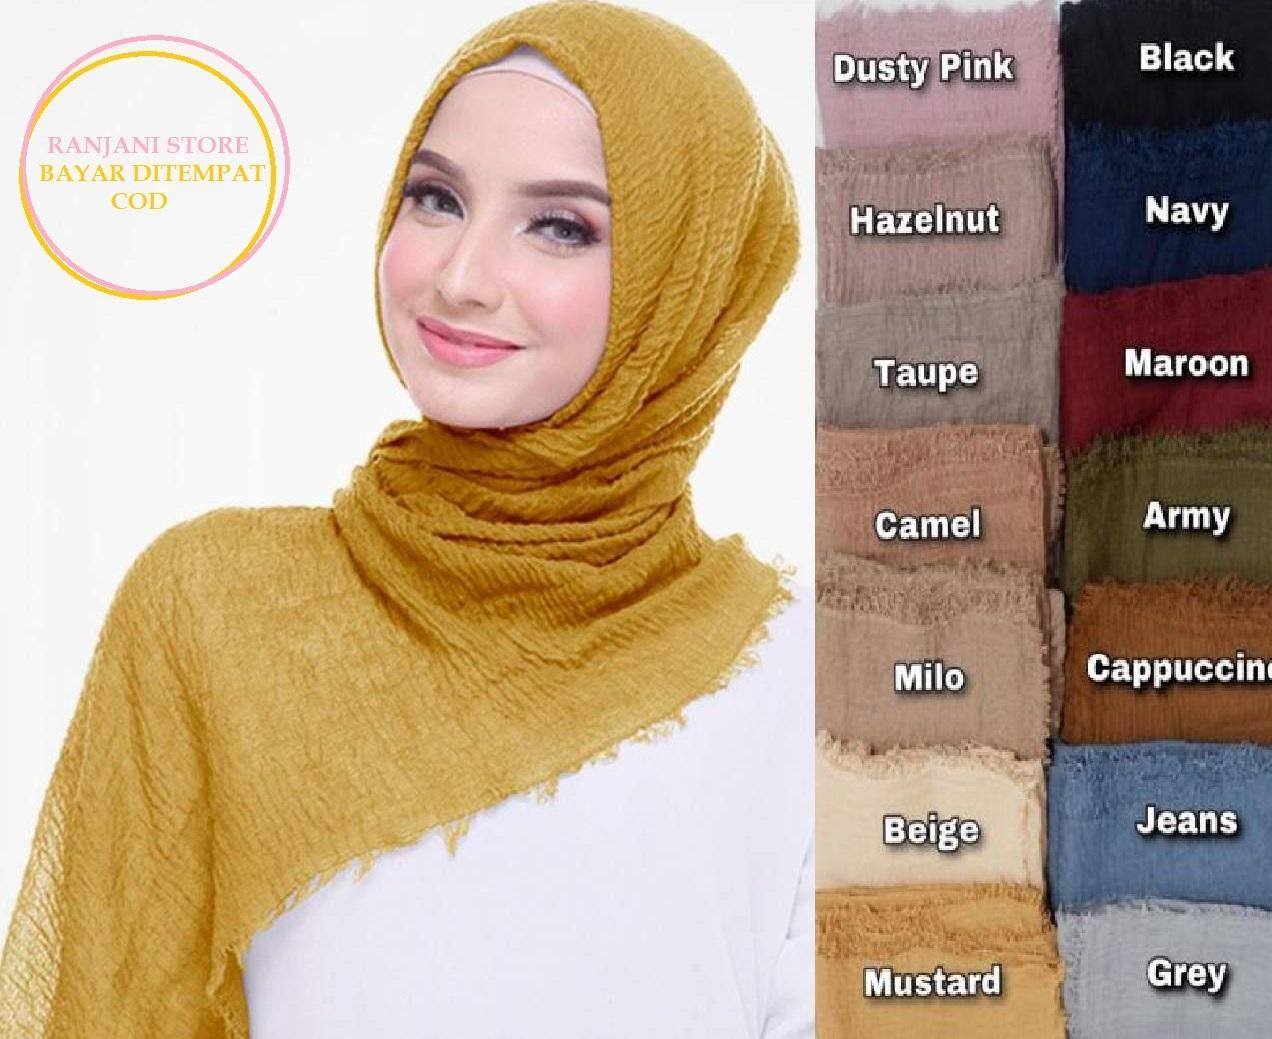 Promo Hijab Pasmina Crinkle / Jilbab Pashmina Crinke Shal / Shawl Crinkle / Kerudung Phasmina Cinkle / Jibab Hijub Pasmina Hijab Pasmina Tringkel / Polos Basic Panjang Warna Terlengkap MURAH - Rstore